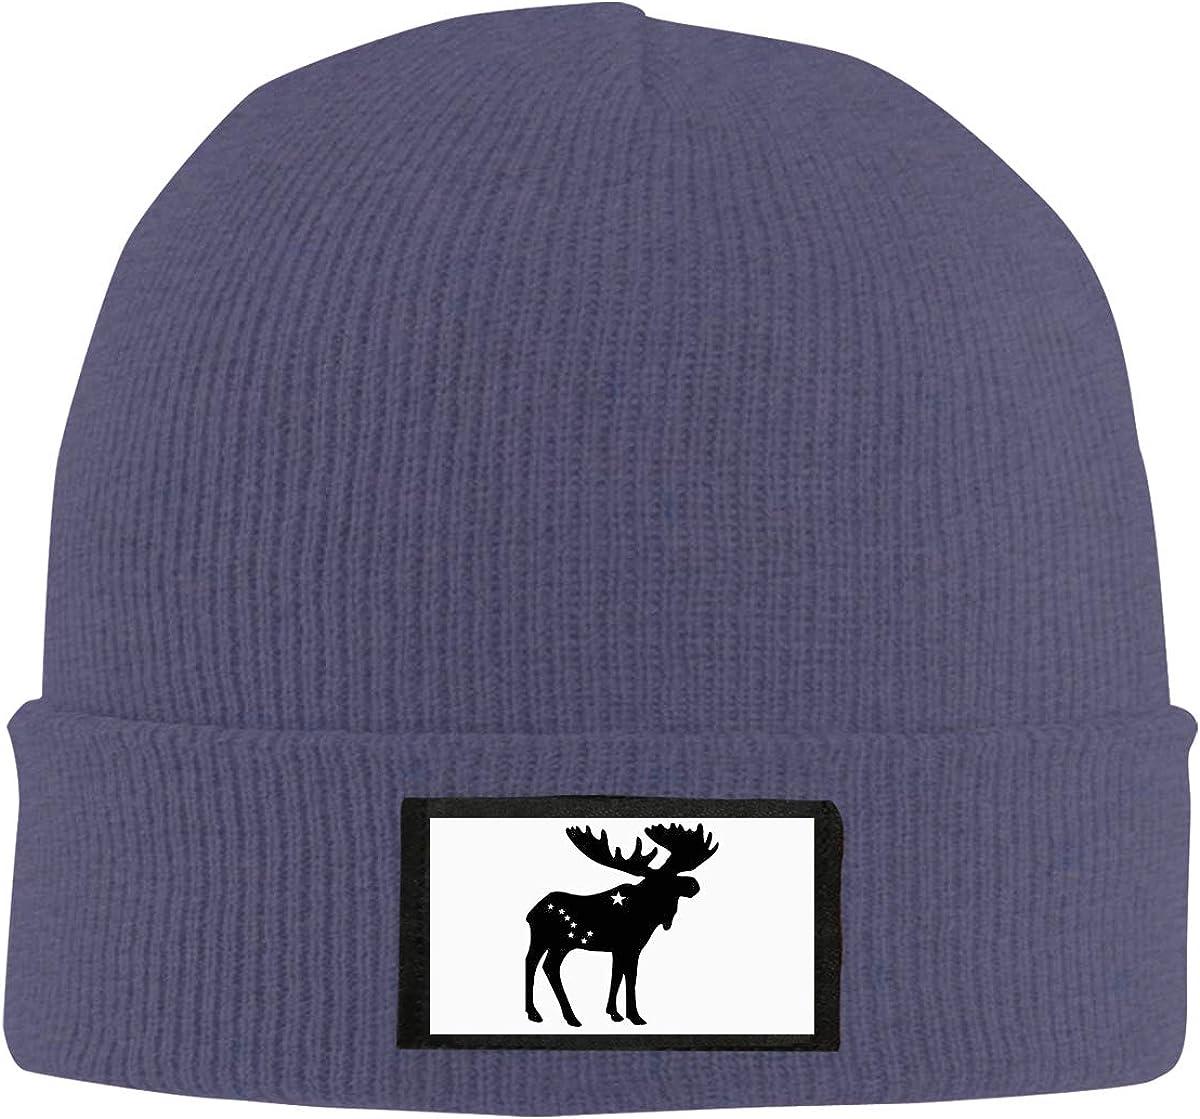 CKKSMZMZ Unisex Warm Winter Hat Knit Beanie Skull Cap Cuff Beanie Hat Alaska Flag